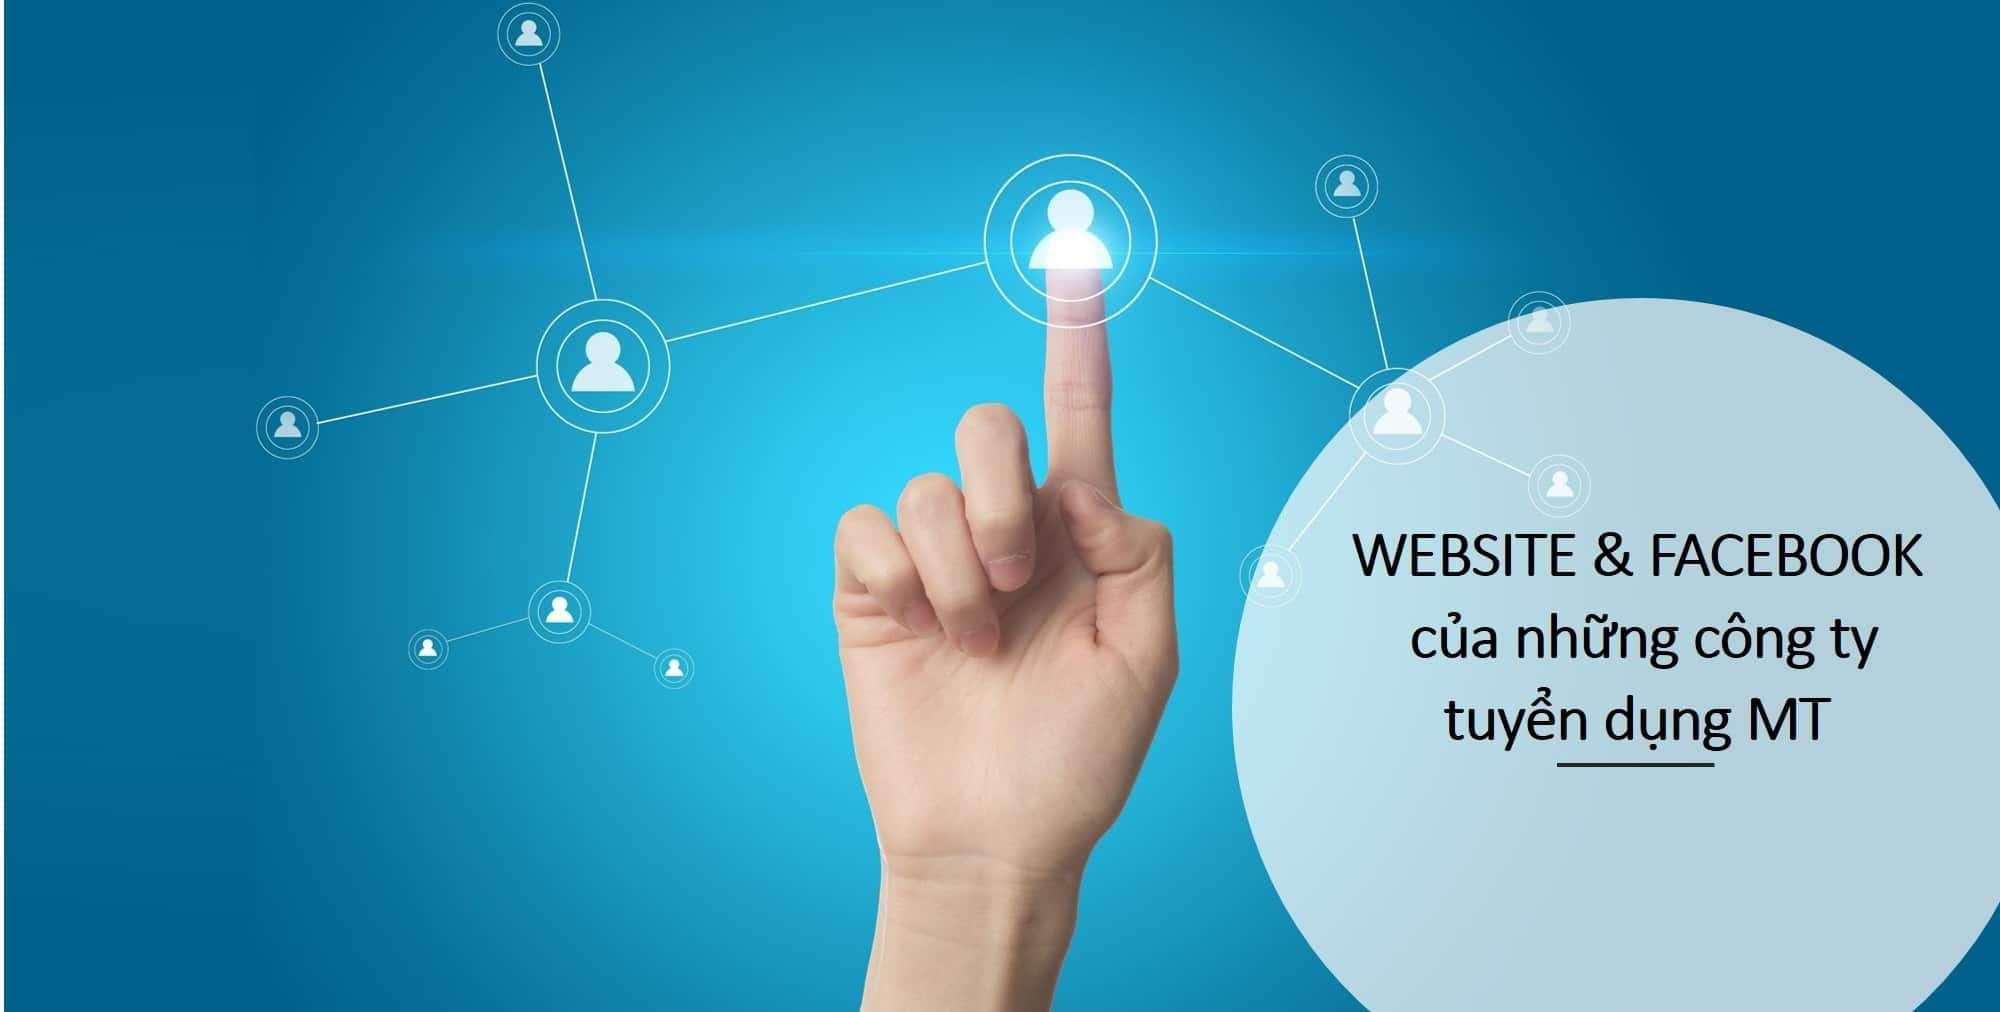 Quản trị viên tập sự - Facebook và website của các công ty có tuyển dụng Management Trainee